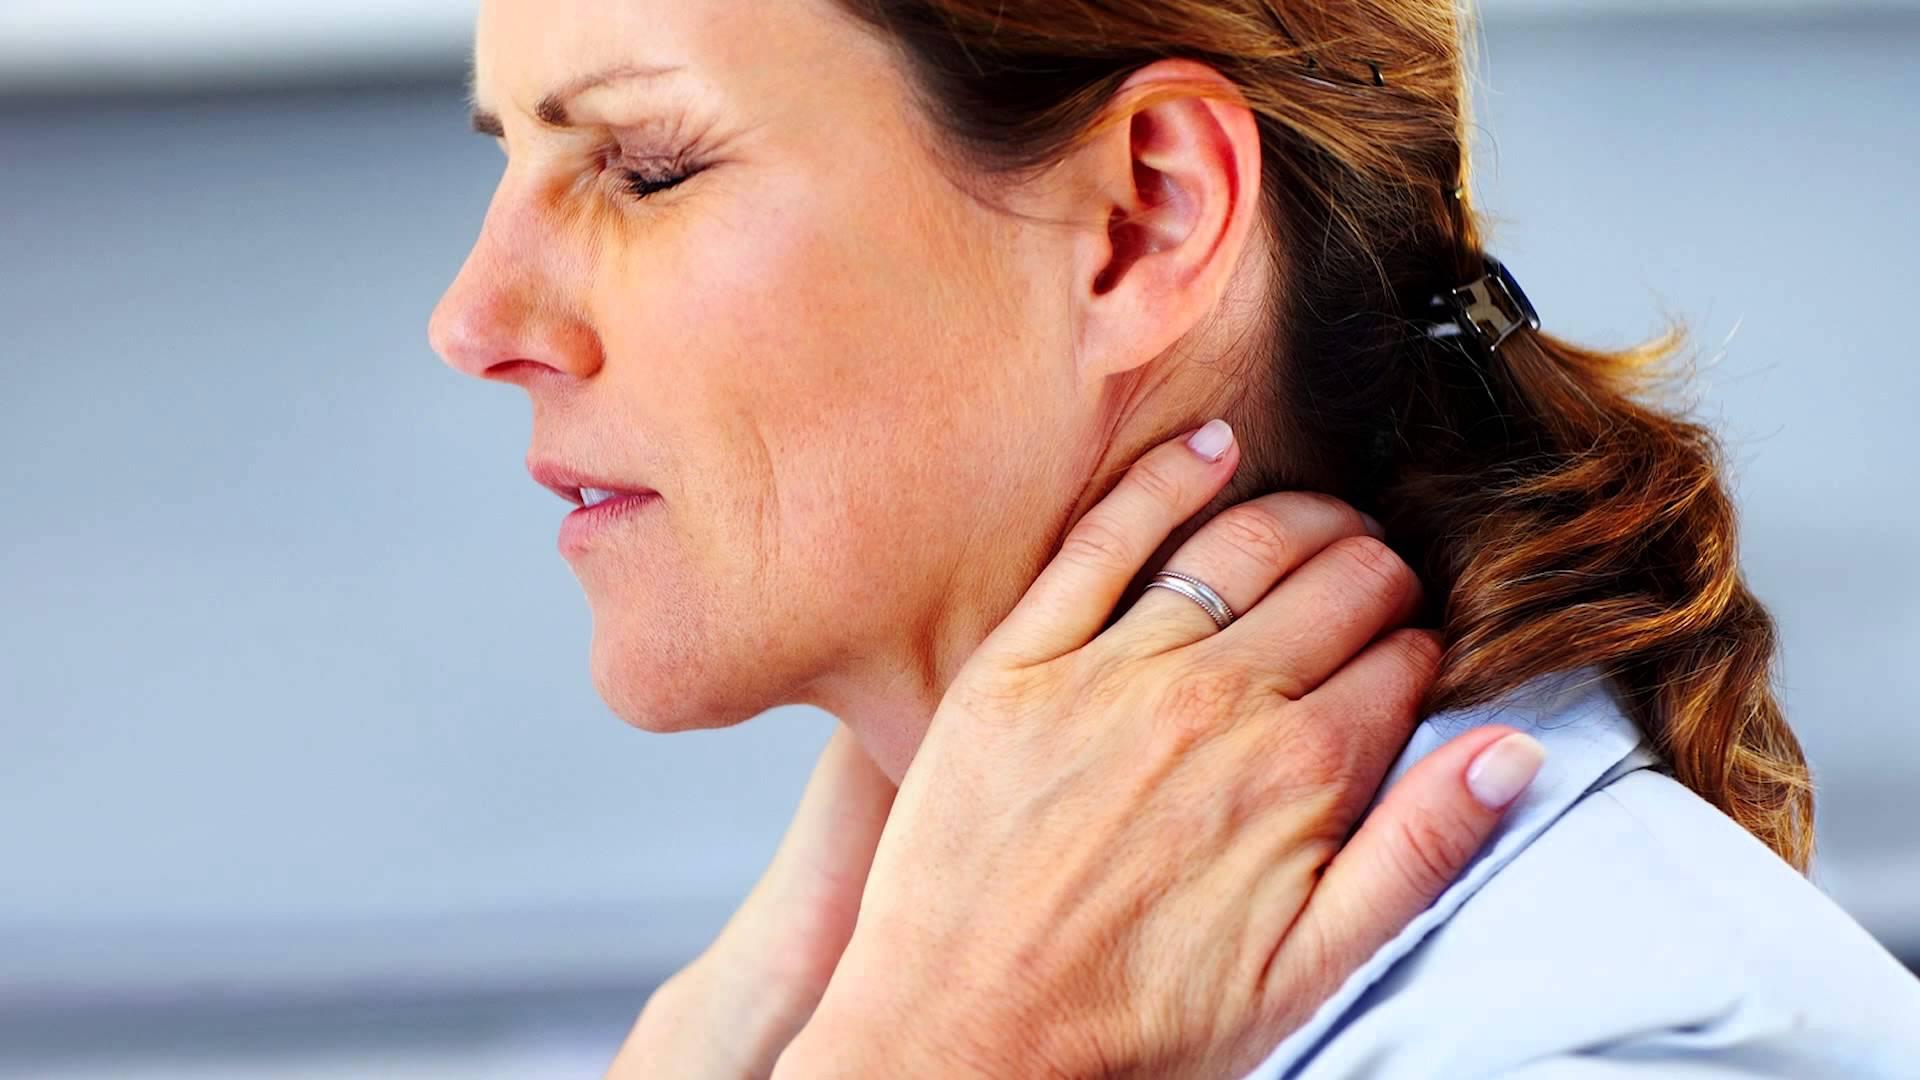 Что можно использовать для борьбы с головной болью?